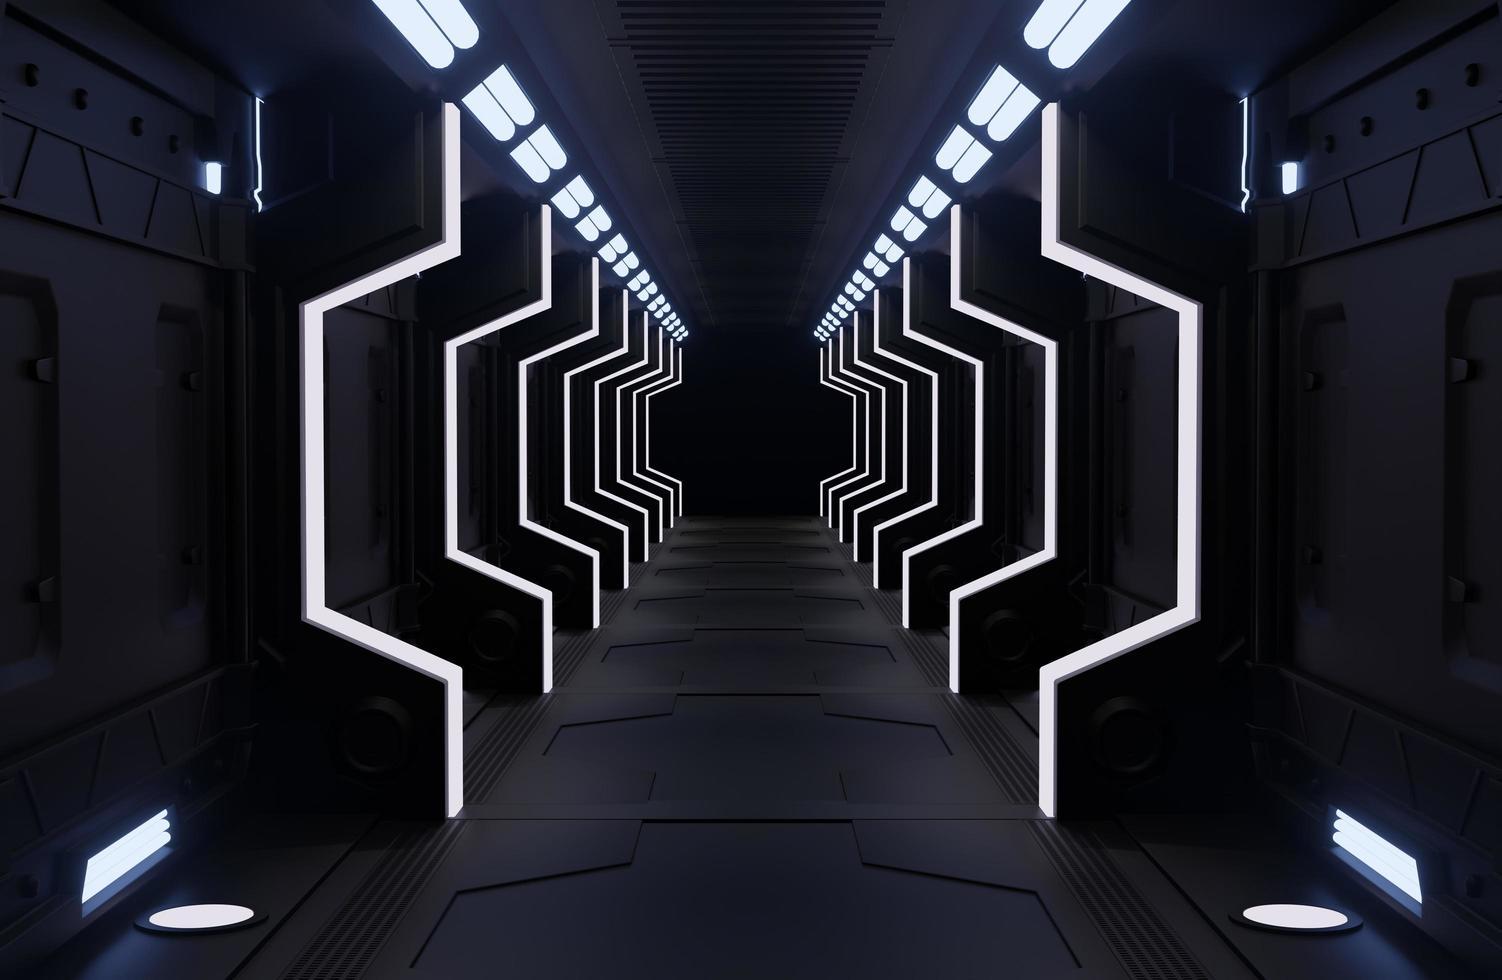 zwart ruimteschip interieur foto